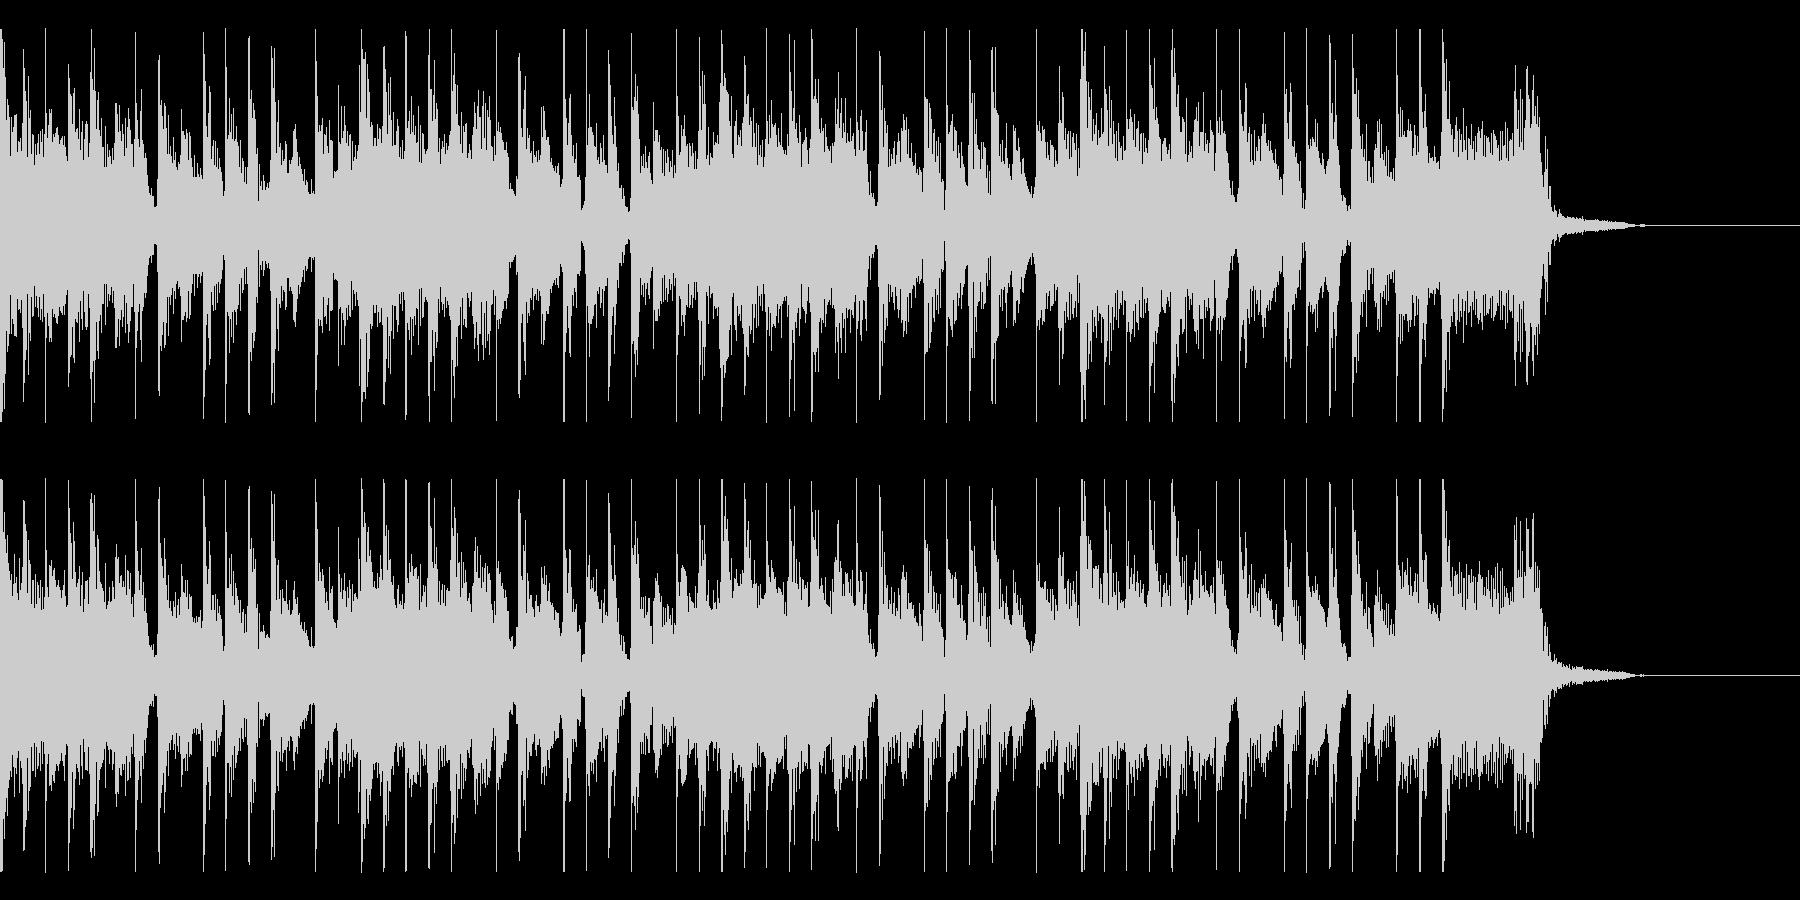 オーセンティックなハードロックジングルの未再生の波形